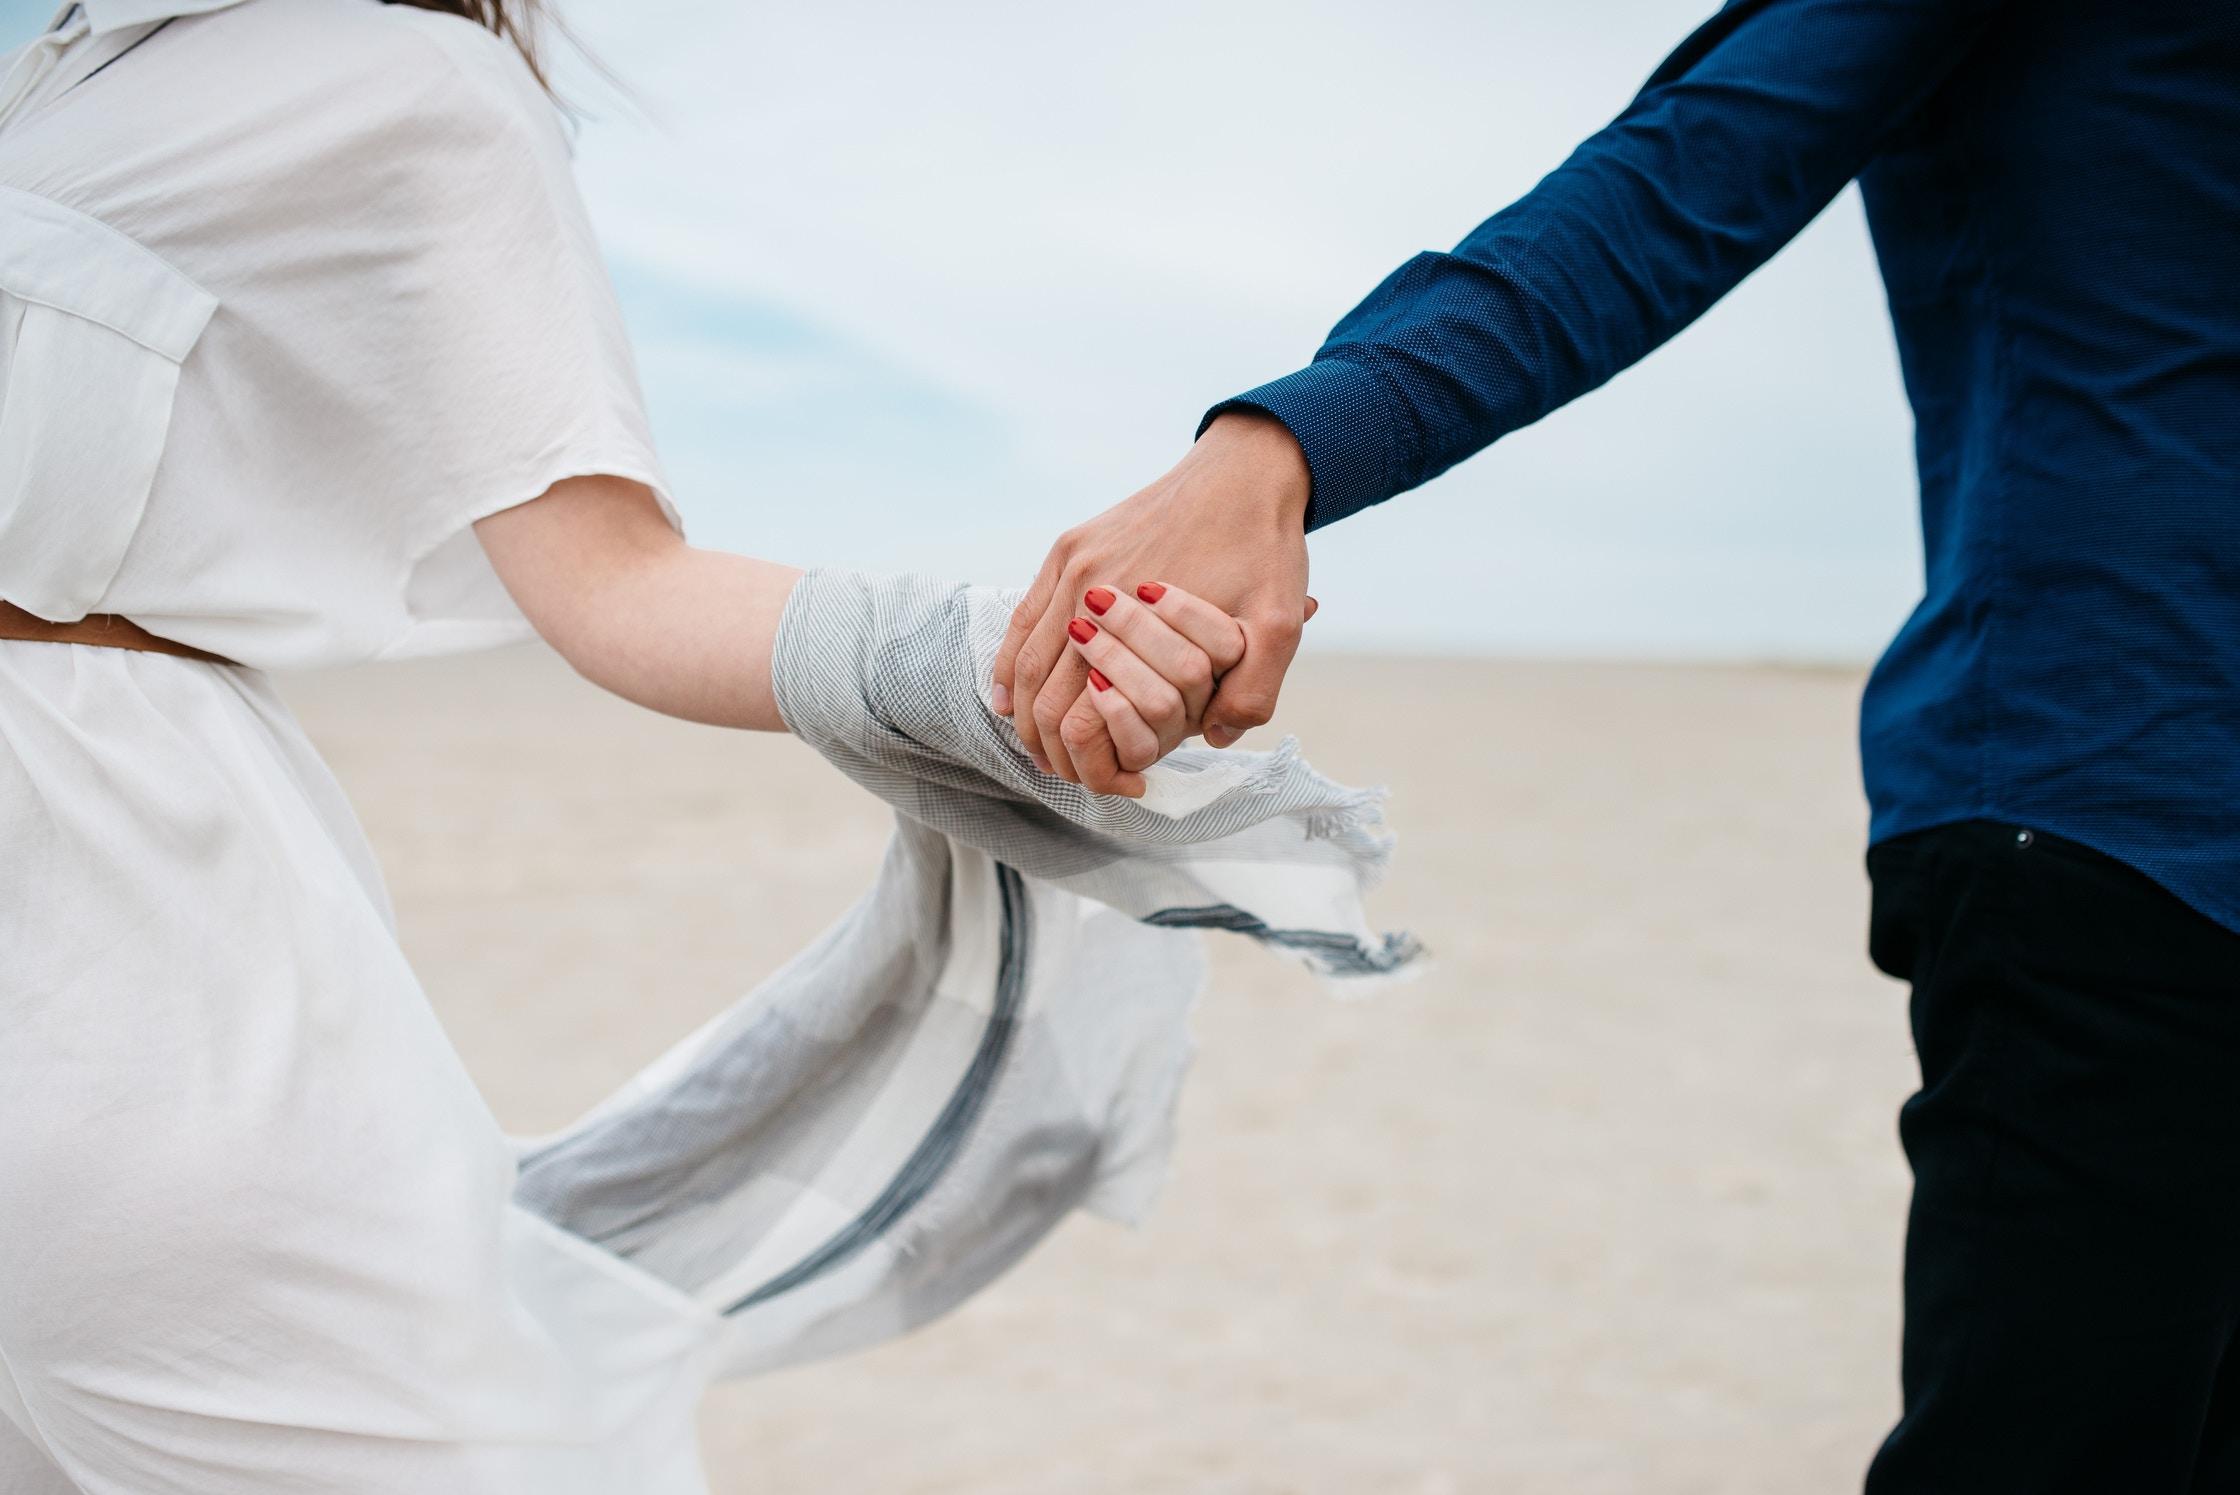 Online par-kursus - et online kursus for par, som vil udvikle eller vedligeholde et godt parforhold